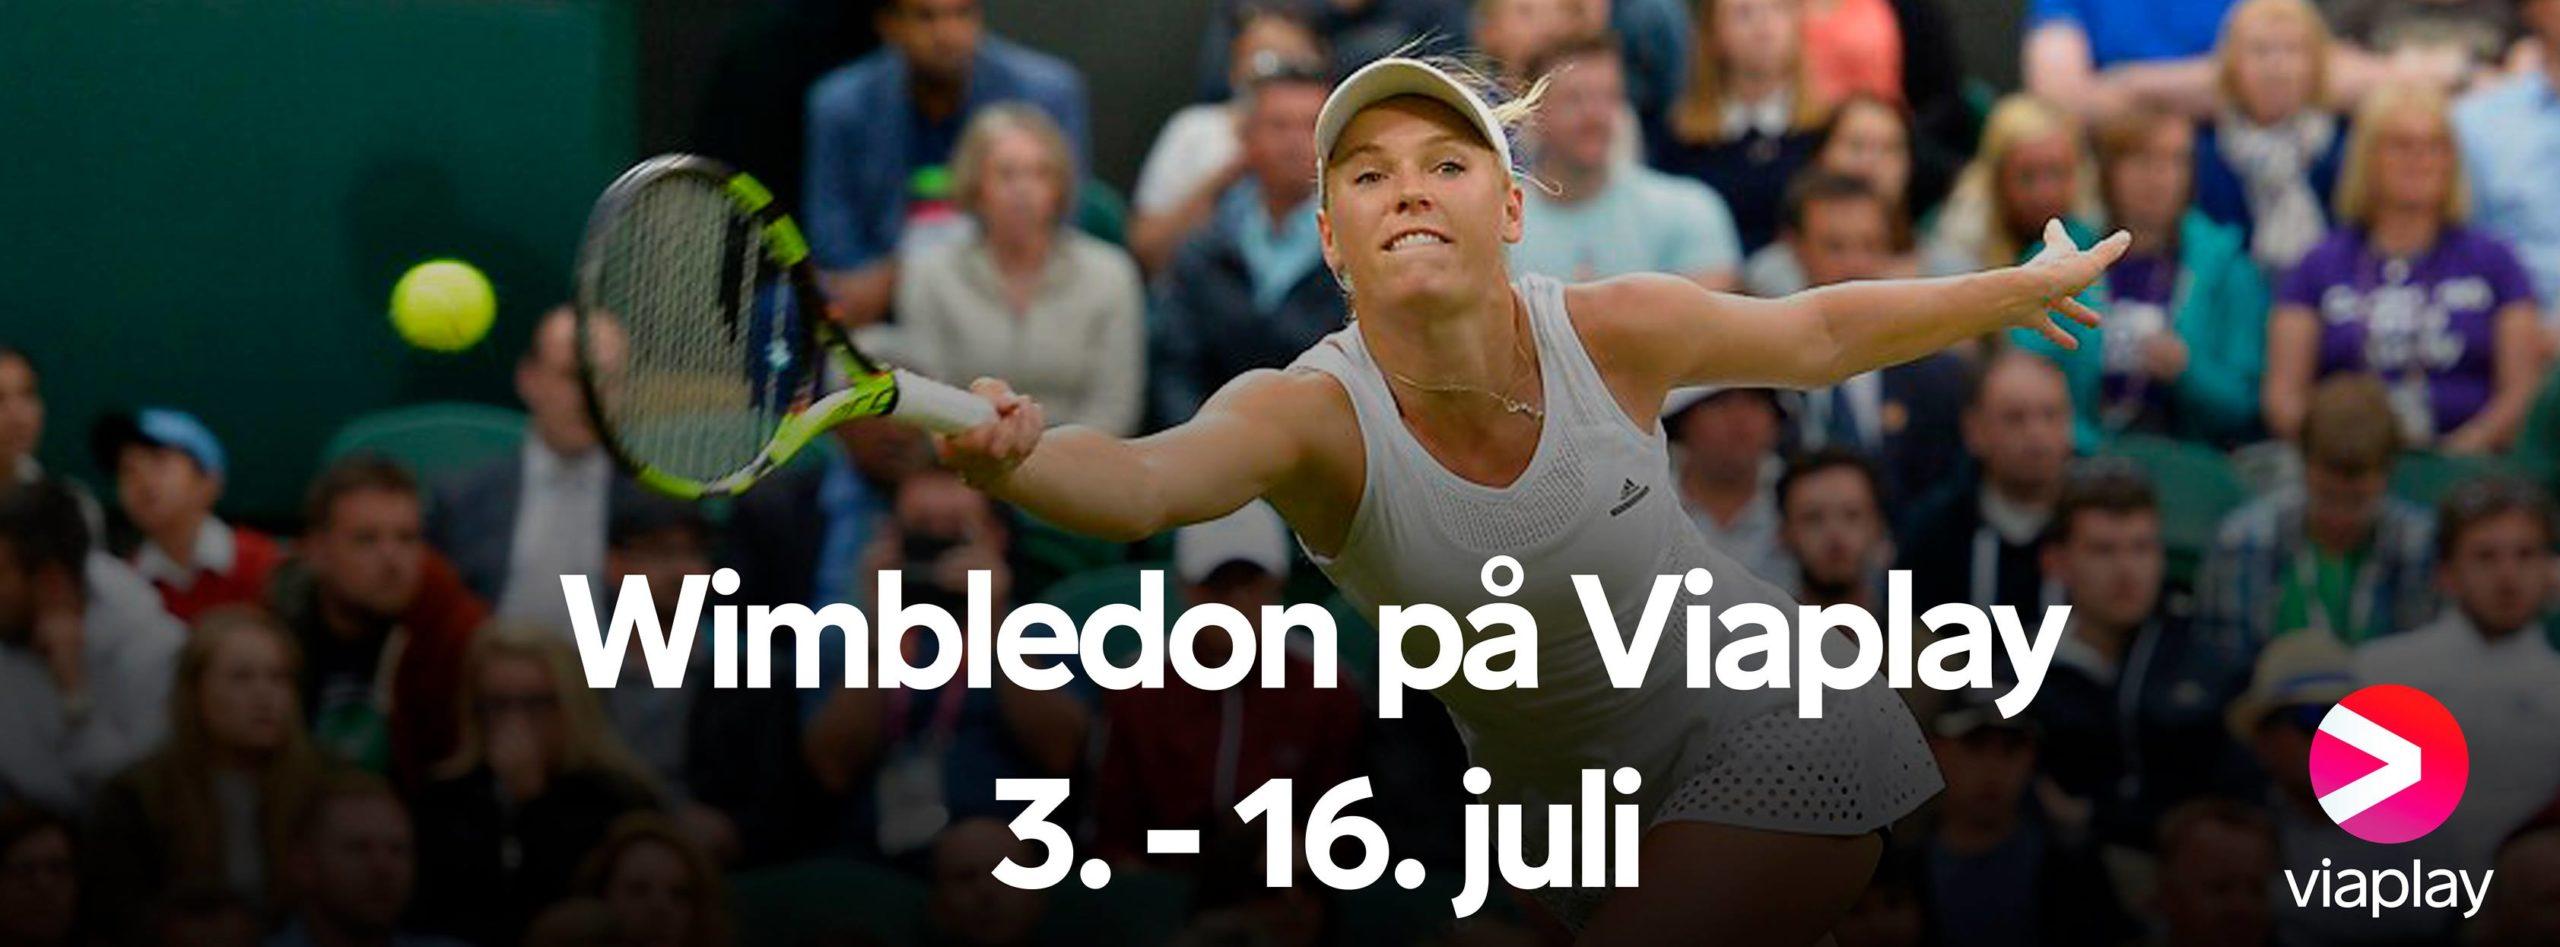 Wimbledon 2017 TV Streaming Viaplay